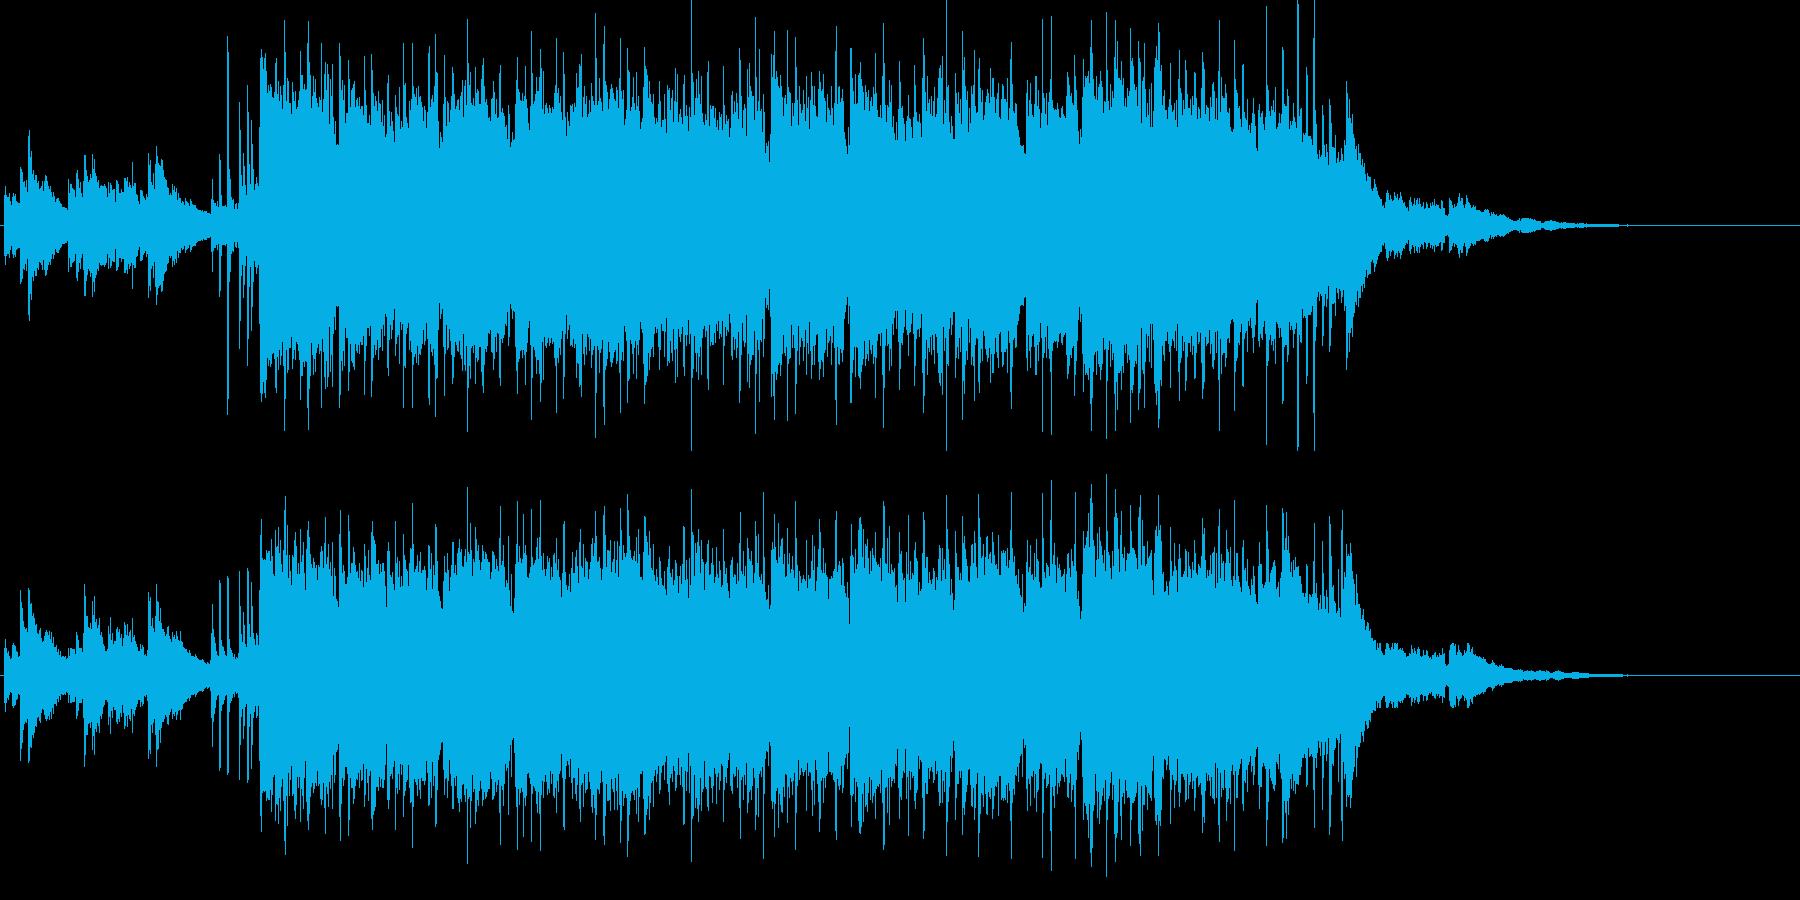 心に訴えるマイナー調のギターアンサンブルの再生済みの波形